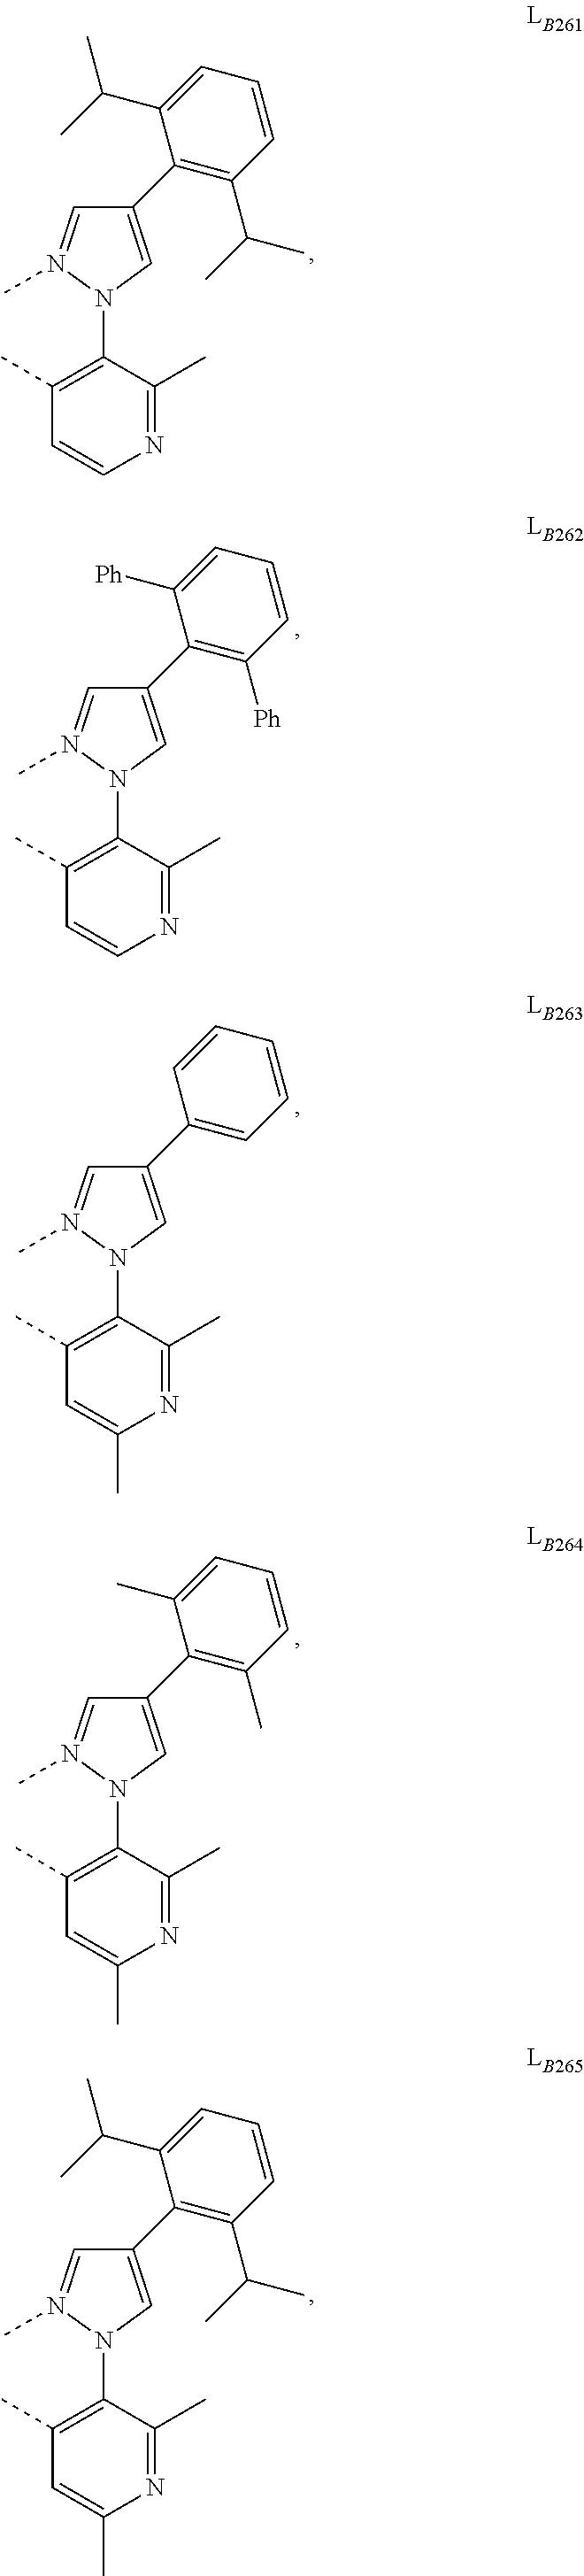 Figure US09905785-20180227-C00555